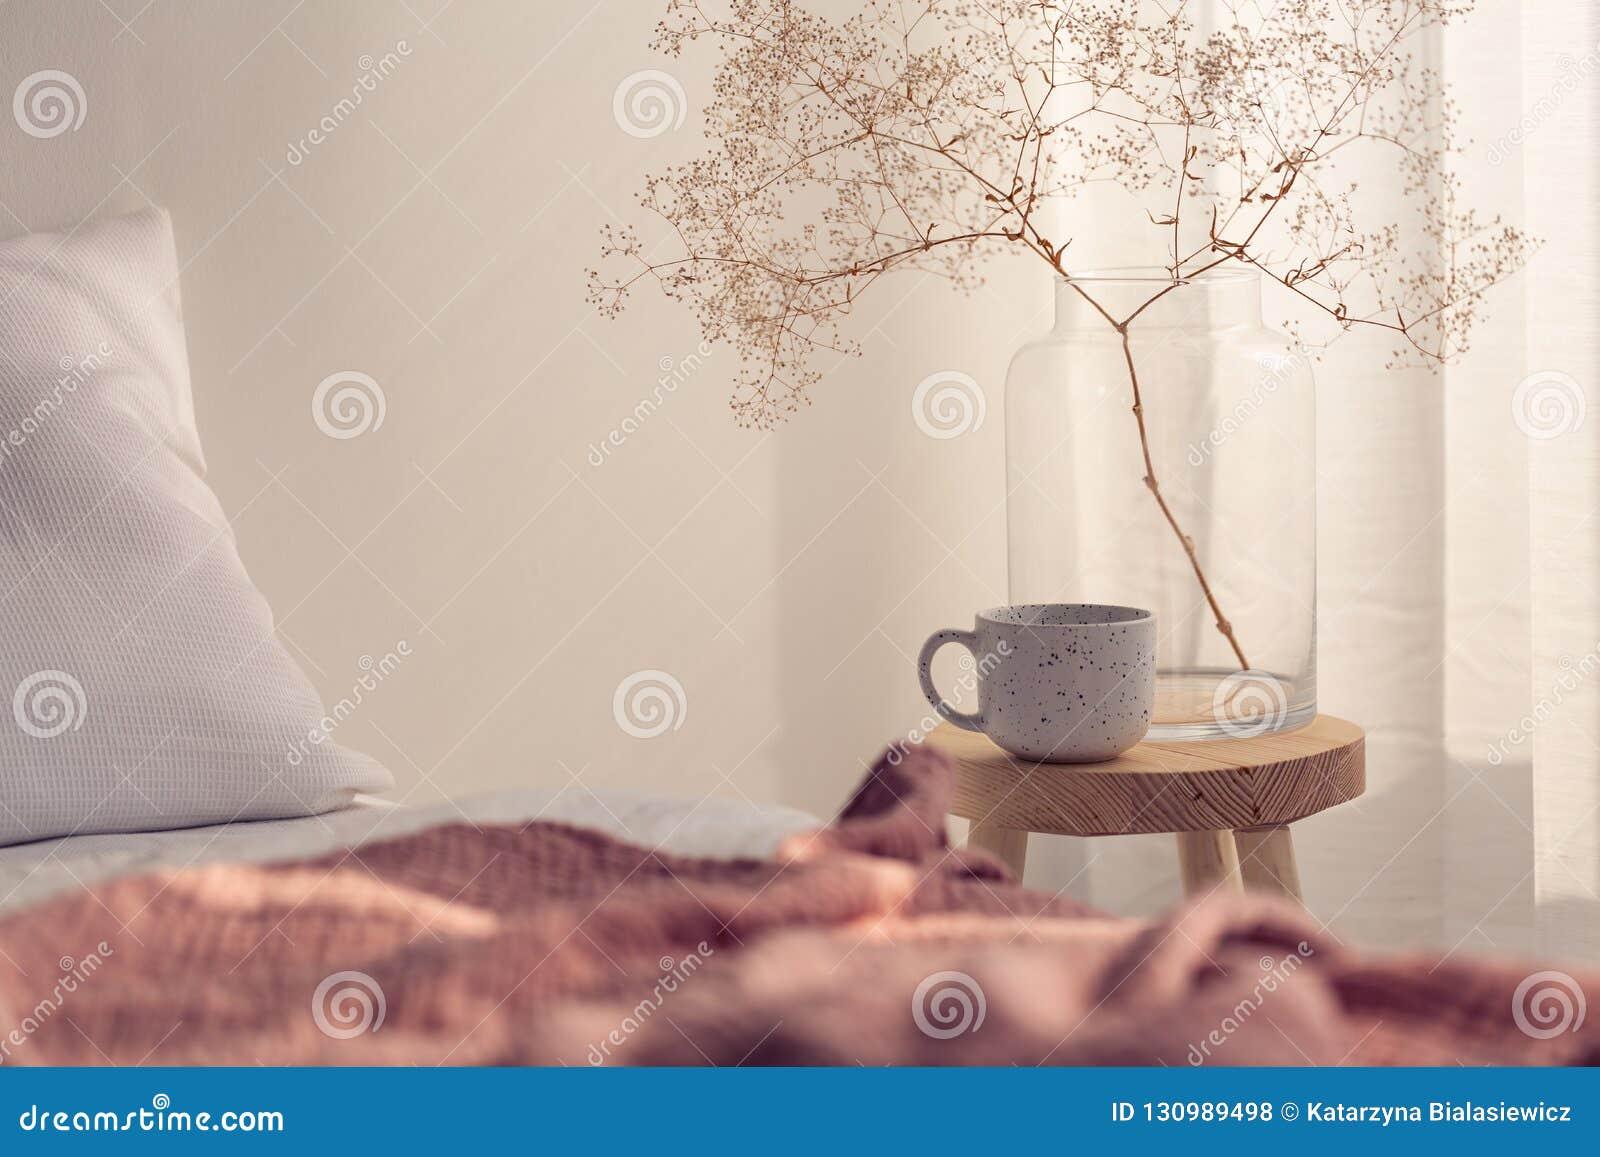 Primer de la taza y de la flor de café en el florero de cristal en la mesita de noche del interior brillante del dormitorio